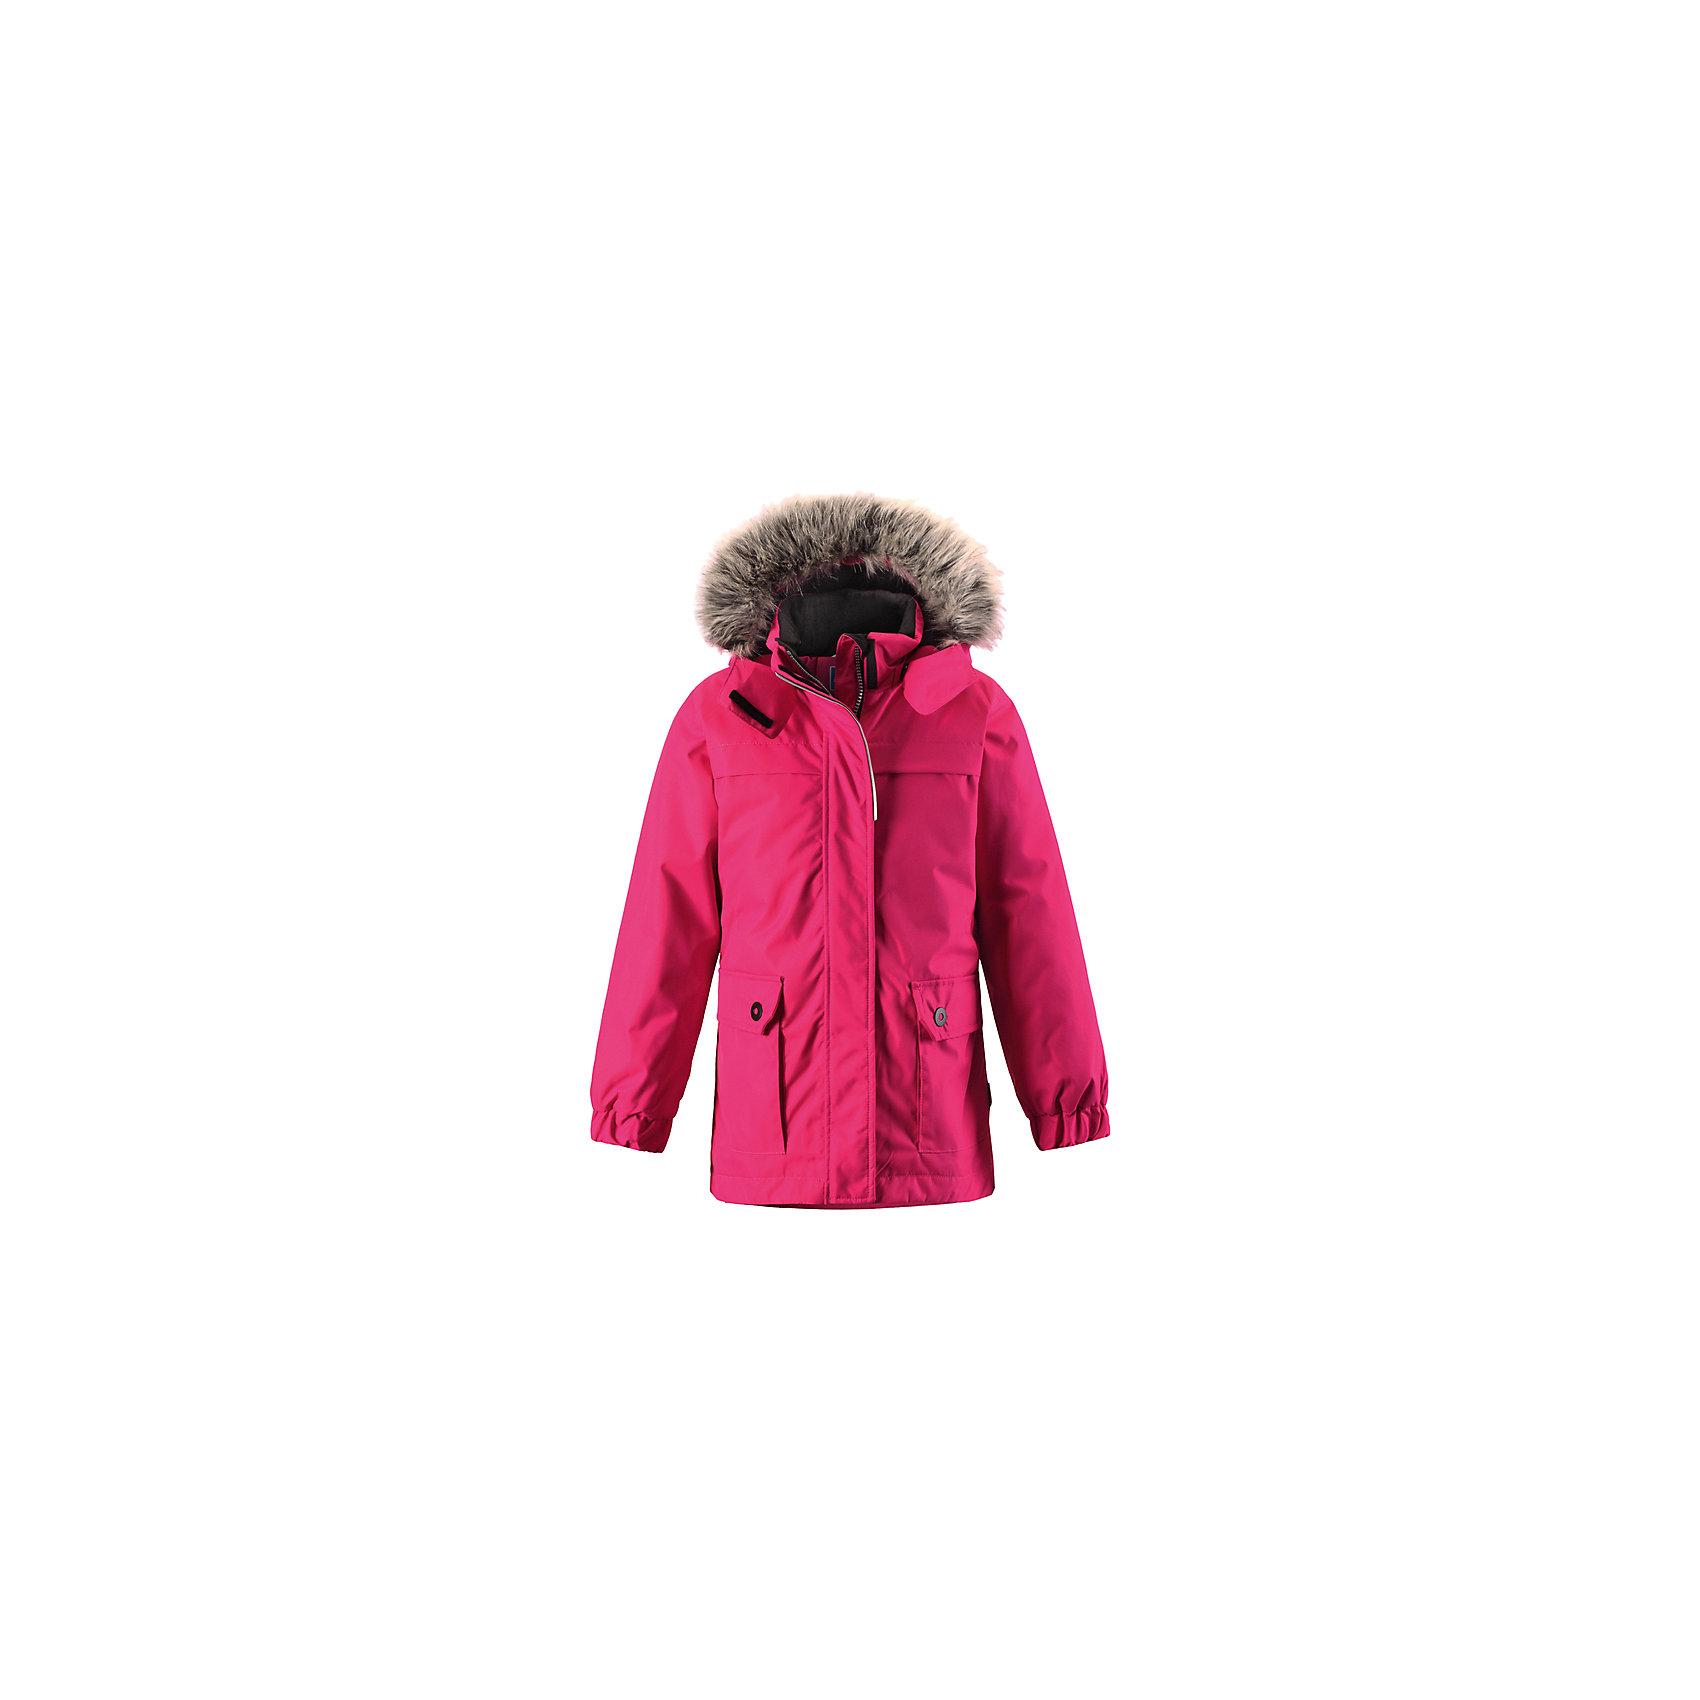 Куртка для девочки LASSIEОдежда<br>Зимняя куртка для детей известной финской марки.<br><br>- Водоотталкивающий, ветронепроницаемый, «дышащий» и грязеотталкивающий материал.<br>- Крой для девочек.<br>- Гладкая подкладка из полиэстра.<br>- Средняя степень утепления<br>-  Безопасный съемный капюшон с отсоединяемой меховой каймой из искусственного меха. <br>- Эластичные манжеты. Регулируемый обхват талии.<br>-  Карманы с клапанами. <br><br> Рекомендации по уходу: Стирать по отдельности, вывернув наизнанку. Перед стиркой отстегните искусственный мех. Застегнуть молнии и липучки. Соблюдать температуру в соответствии с руководством по уходу. Стирать моющим средством, не содержащим отбеливающие вещества. Полоскать без специального средства. Сушение в сушильном шкафу разрешено при  низкой температуре.<br><br>Состав: 100% Полиамид, полиуретановое покрытие.  Утеплитель «Lassie wadding» 180гр.<br><br>Ширина мм: 356<br>Глубина мм: 10<br>Высота мм: 245<br>Вес г: 519<br>Цвет: малиновый<br>Возраст от месяцев: 36<br>Возраст до месяцев: 48<br>Пол: Женский<br>Возраст: Детский<br>Размер: 104,140,92,98,110,116,122,128,134<br>SKU: 4782318